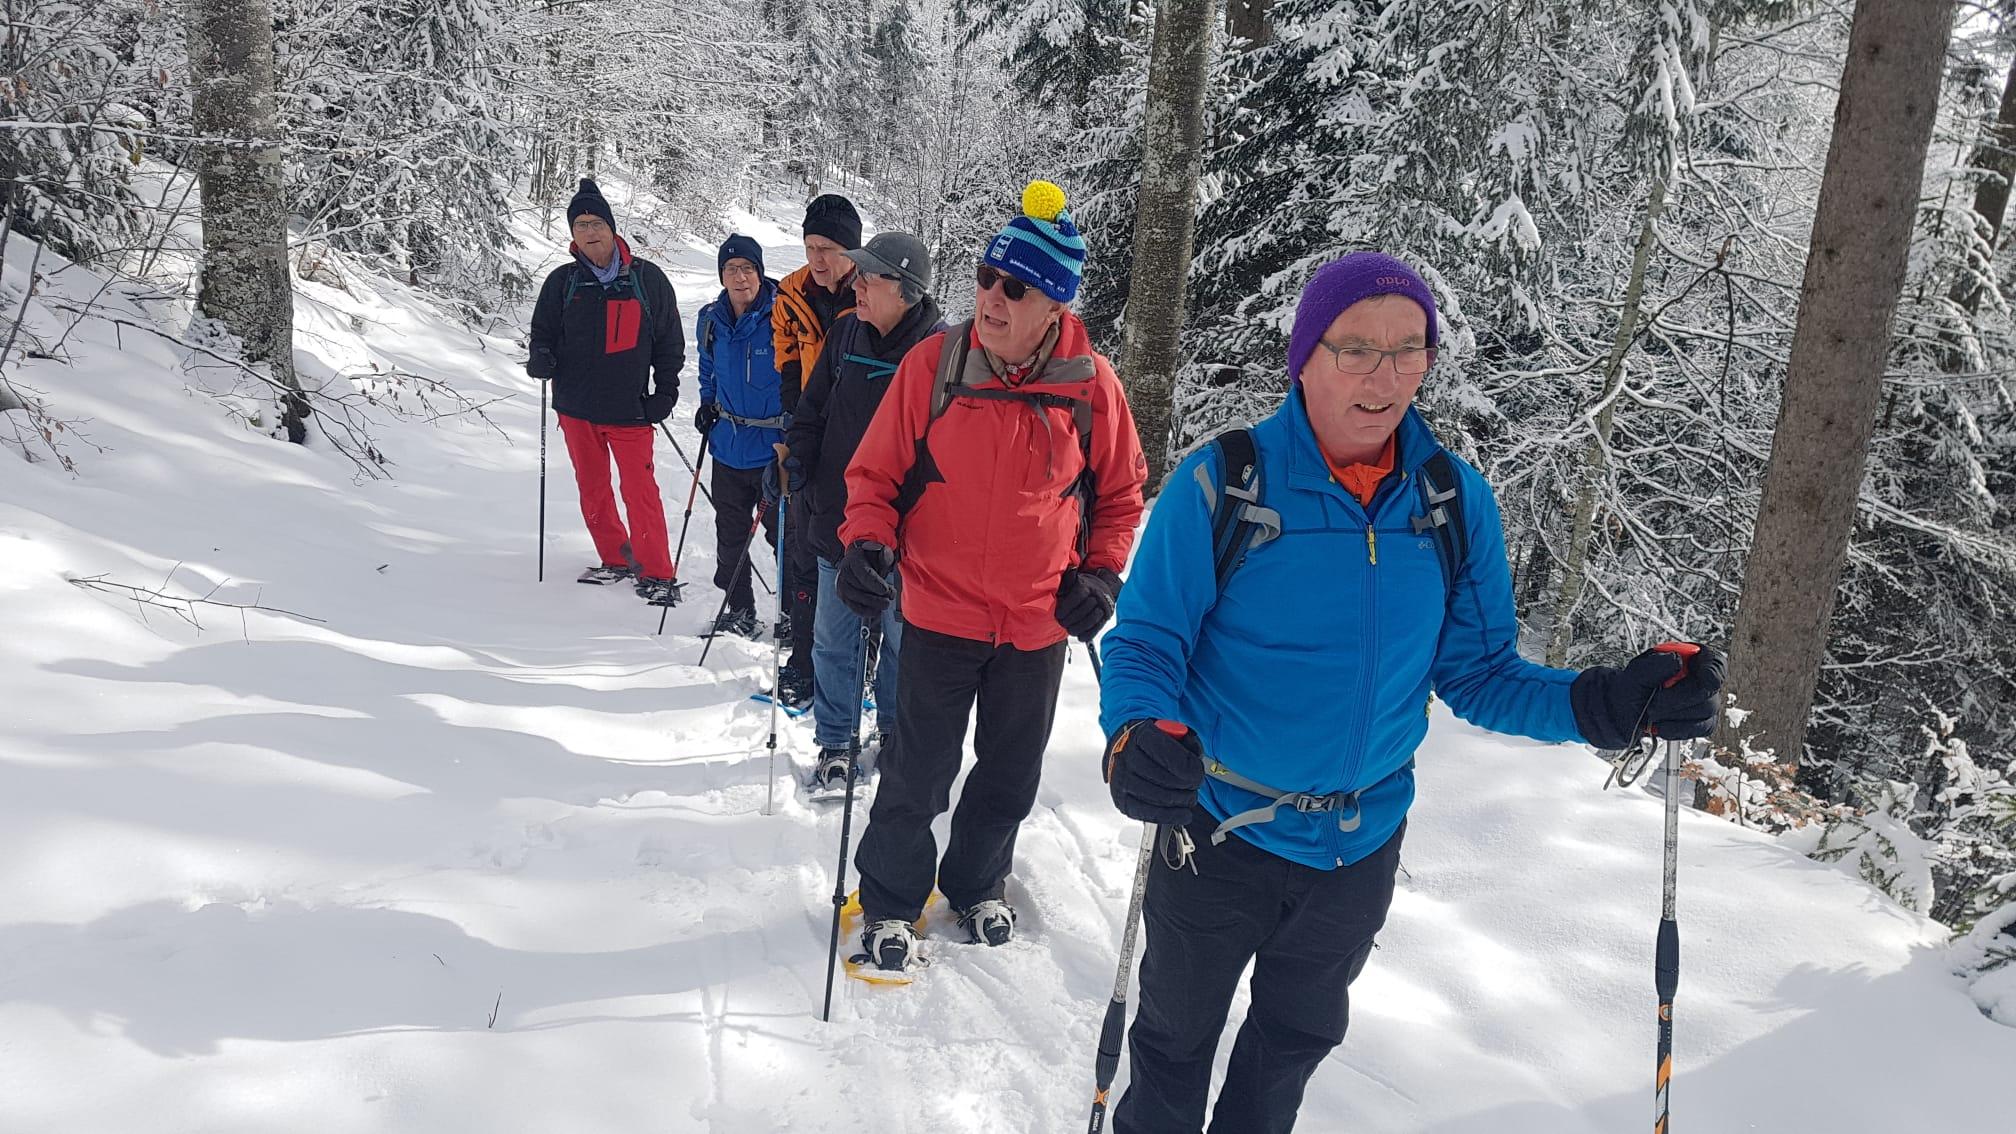 2021-02-12 Schneeswanderung Wäsmeli - Oberbürenberg